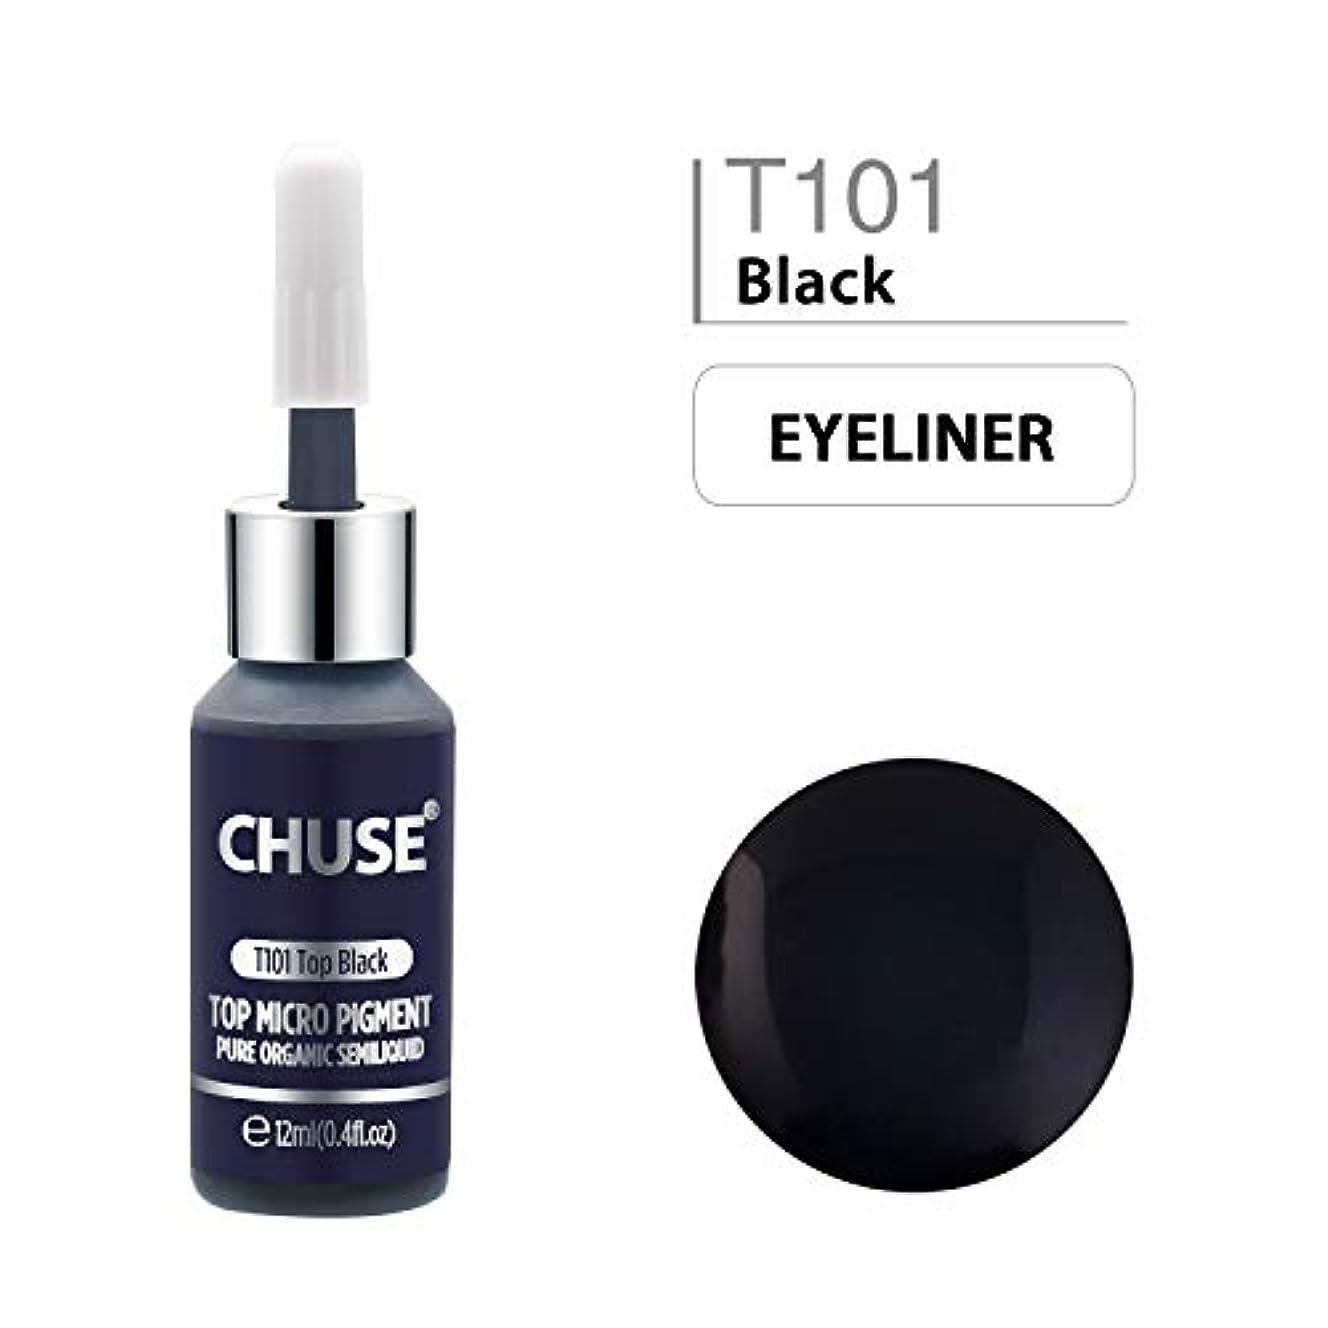 構成員マングル女の子(チュース)Chuse T101 品質最高アイライナータトゥーカラーメイク色素 漆黒